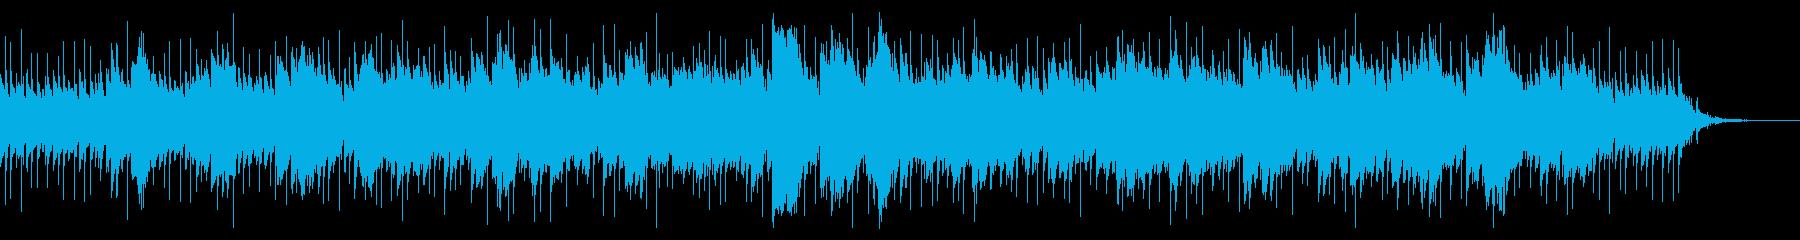 宇宙や星の輝きを表現したBGMの再生済みの波形